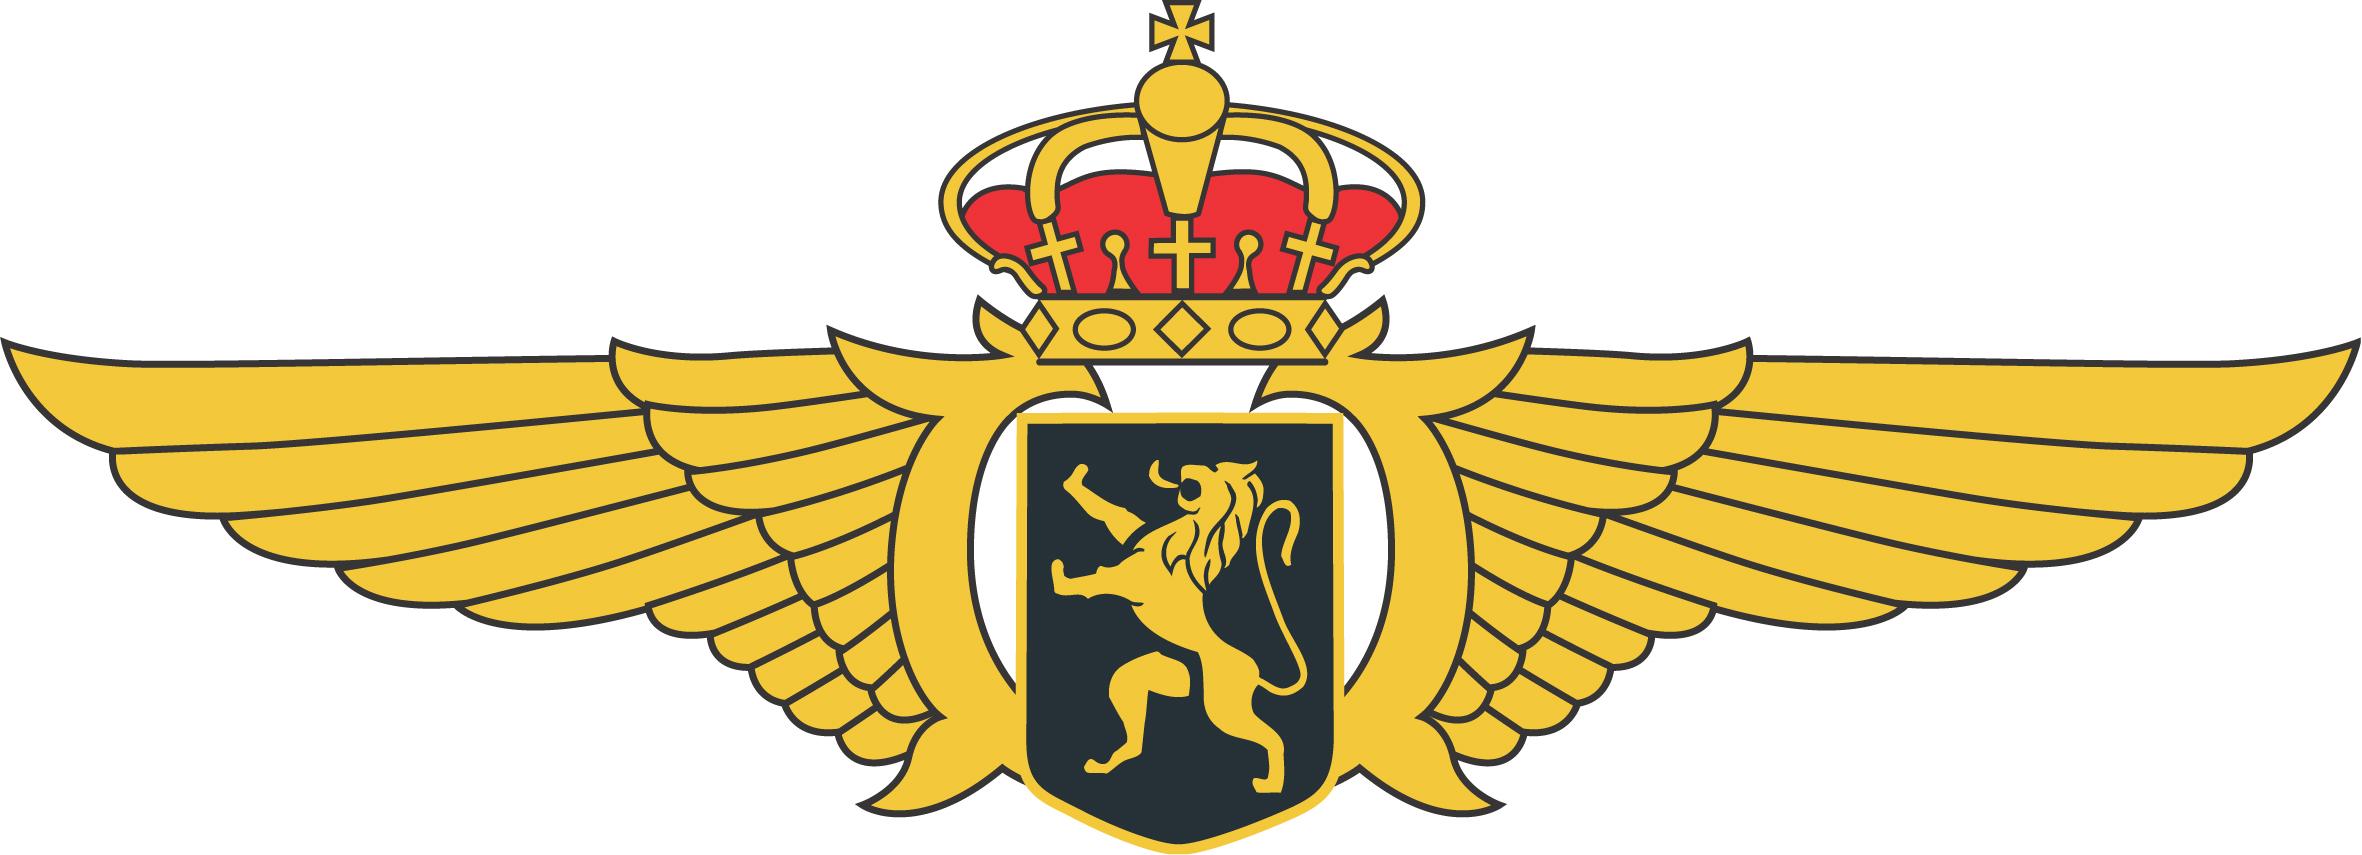 Philippe of Belgium